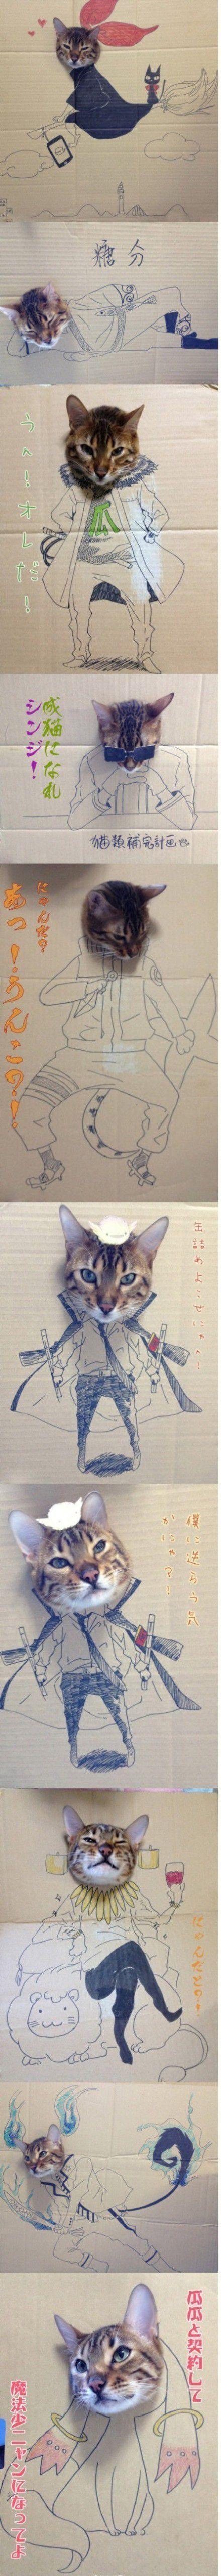 Gatos ninjas kkkk